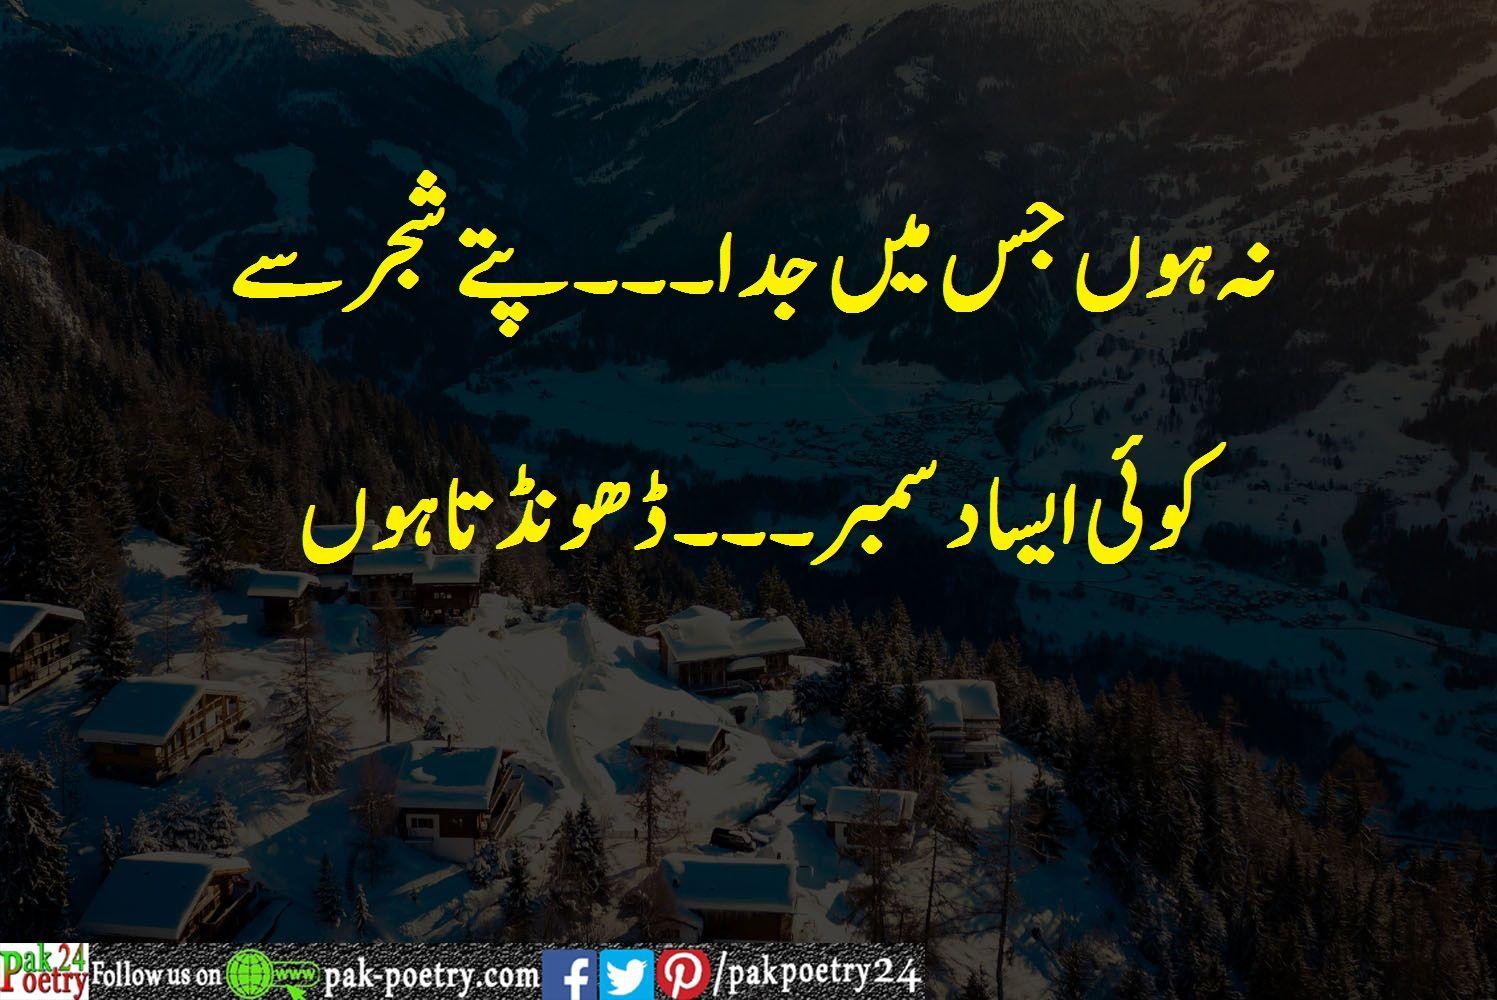 December Poetry Urdu - Top 5 Collection | Love poetry urdu ...